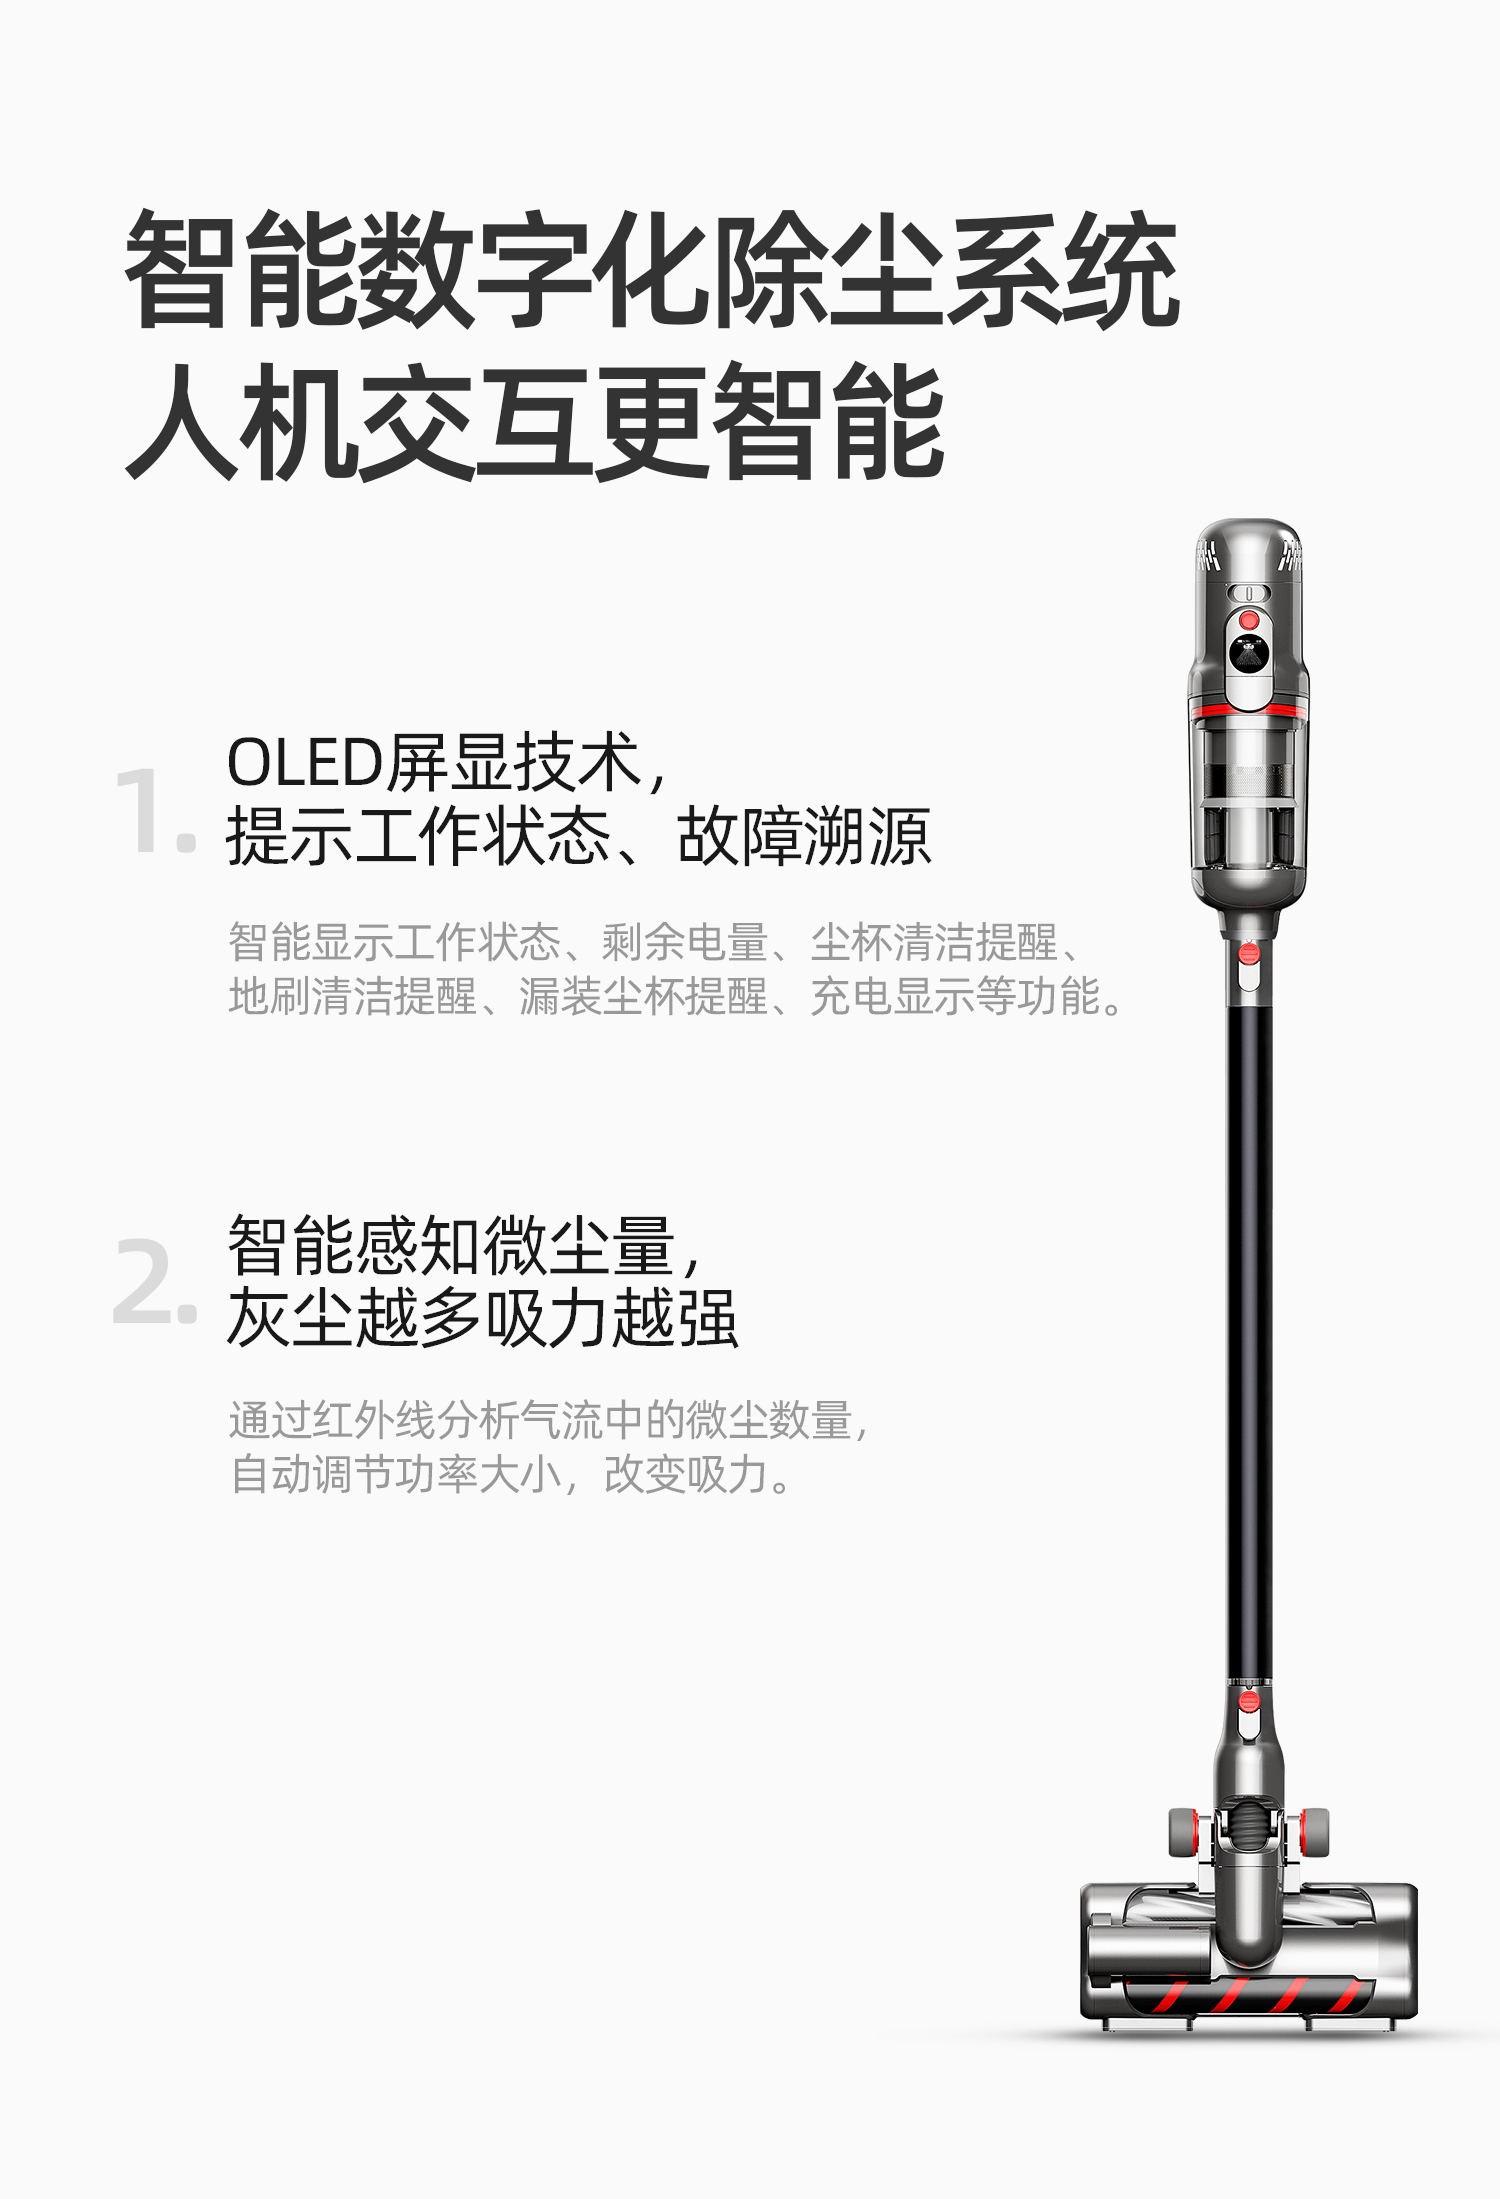 良心推荐,双十一最值得选购的五大吸尘器品牌!